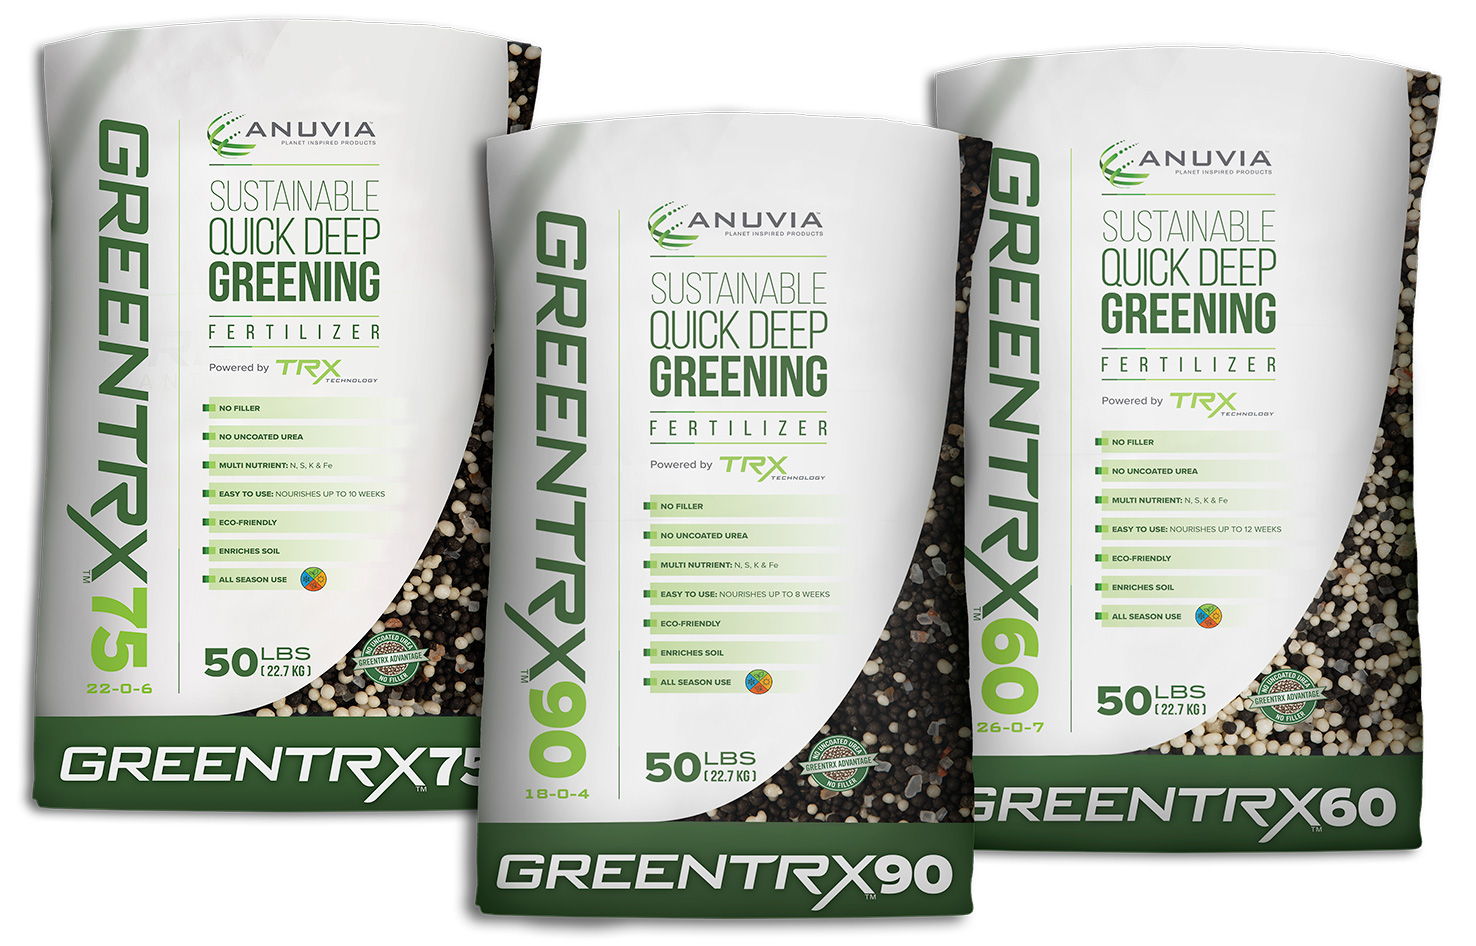 Photo: Anuvia Plant Nutrients